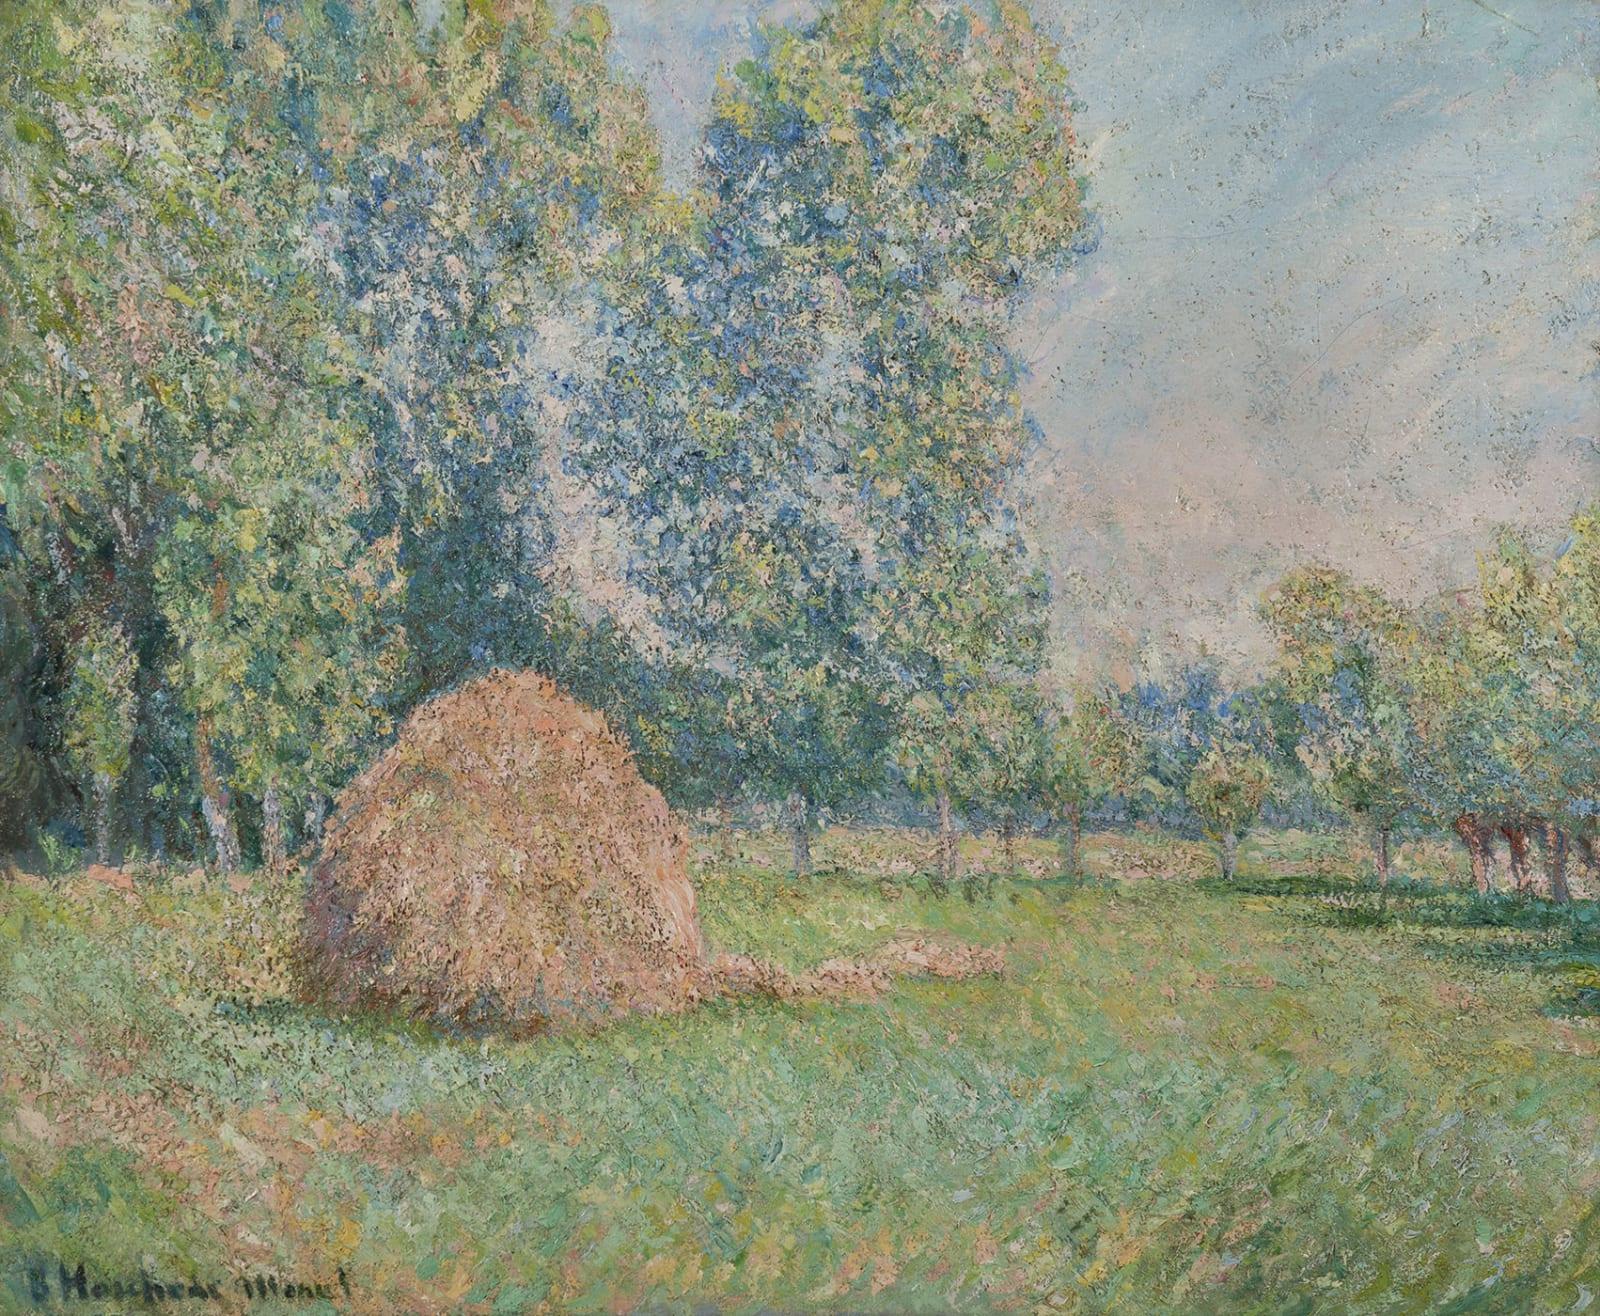 BLANCHE HOSCHEDÉ-MONET, Meule de foin, plaine des Ajoux, Giverny, 1884-1885